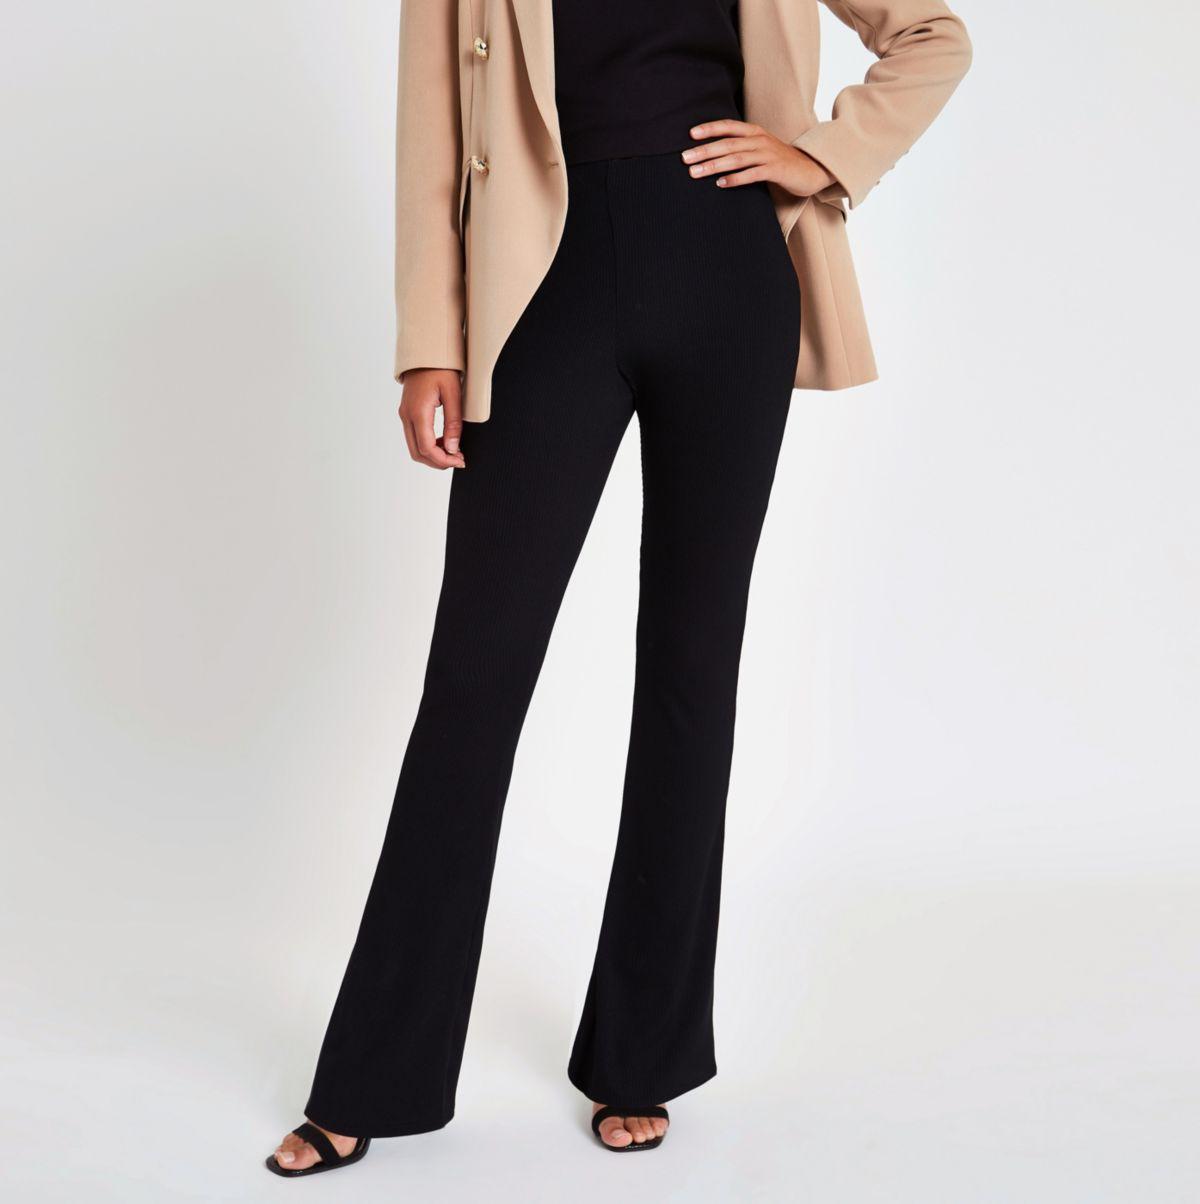 Schwarze, ausgestellte Hose